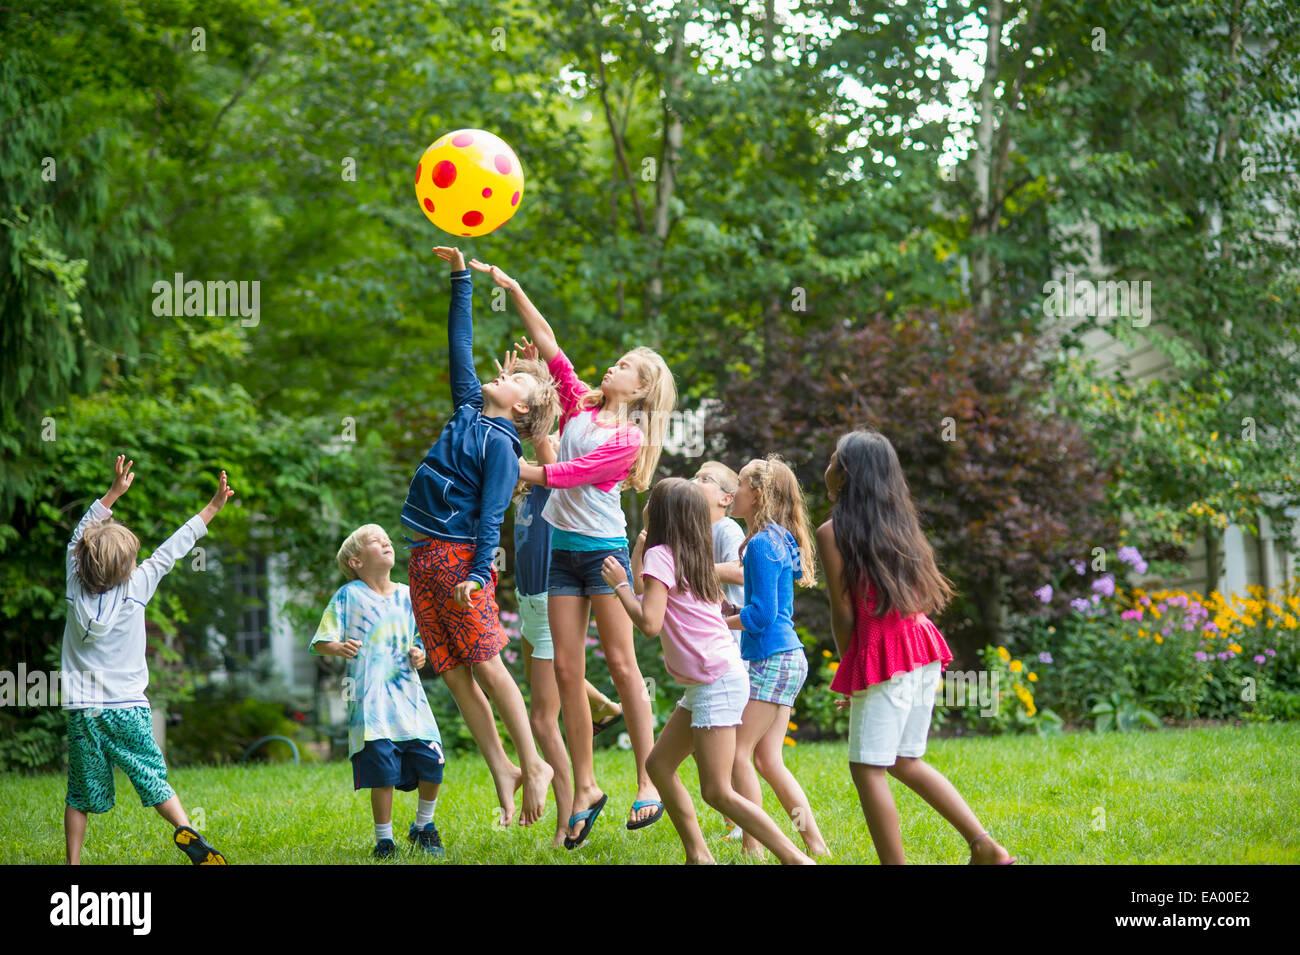 Kinder Spielen Ball Spiel Im Garten Stockfoto Bild 74988426 Alamy